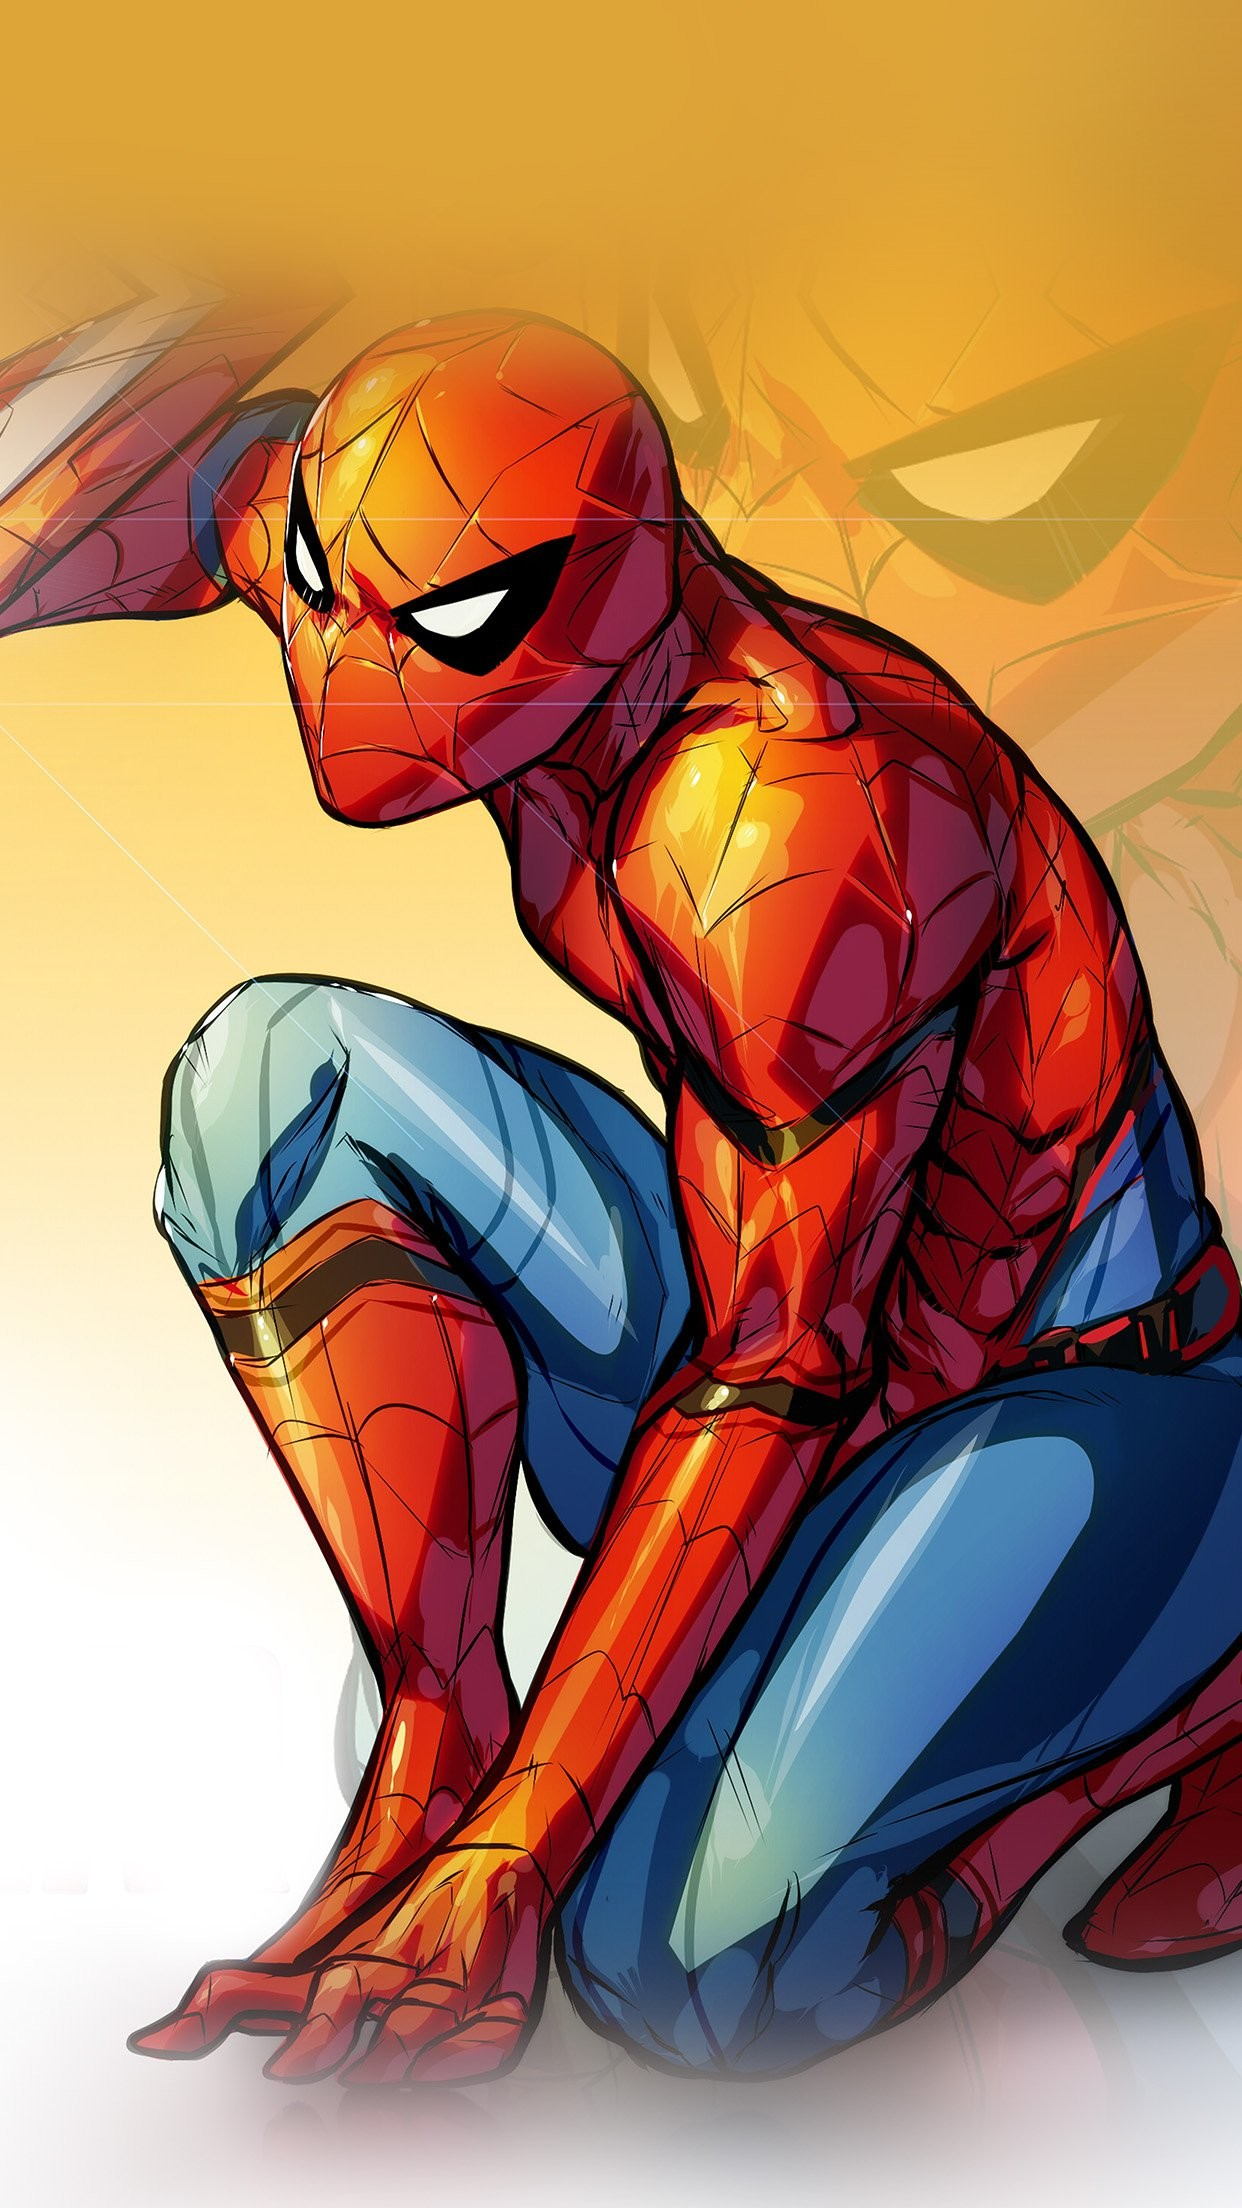 Spiderman Captain America Civilwar Art Hero iPhone 6 wallpaper